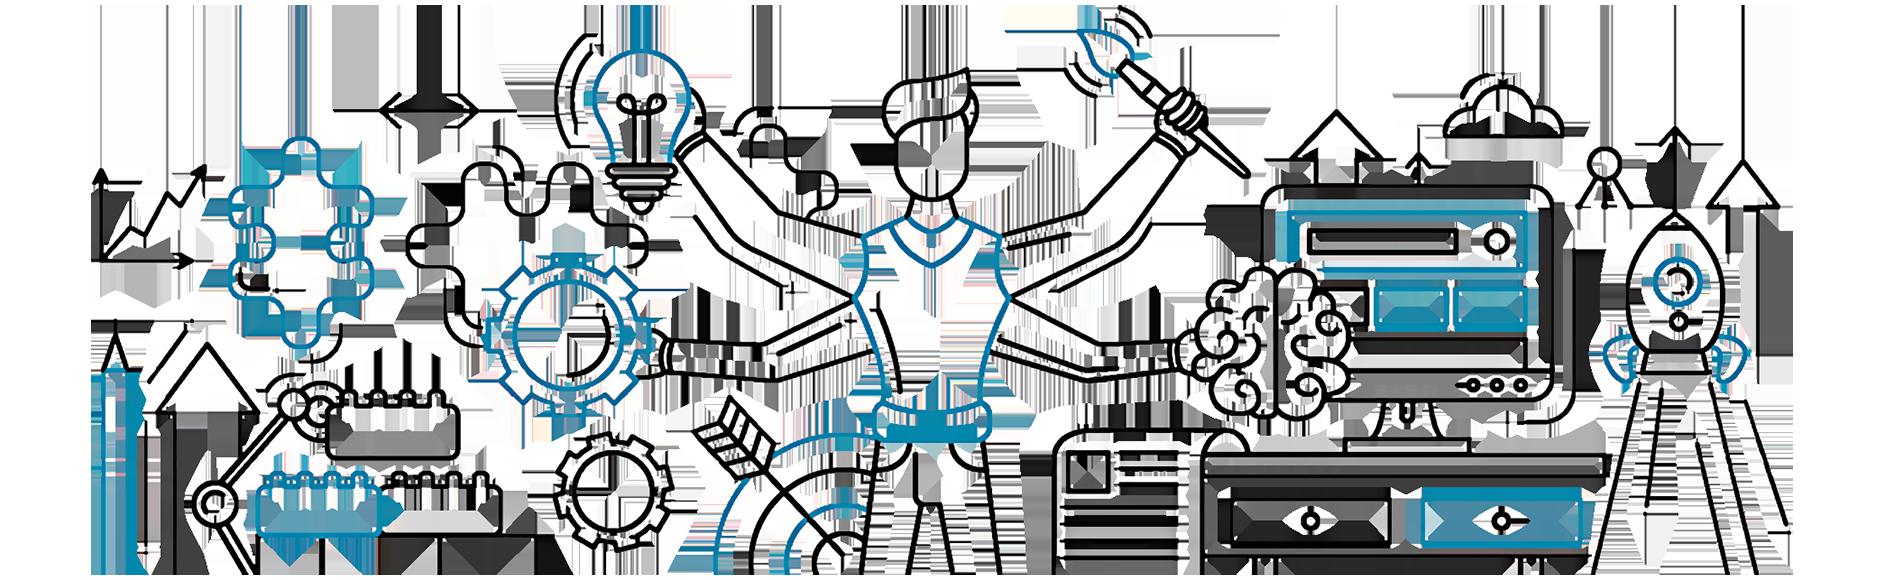 Agenzia pubblicitaria - Web Agency - Agenzia di comunicazione che realizza strumenti in grado di valorizzare la marca in ogni suo aspetto. Agenzia pubblicitaria, marchi, packaging, web + SEO, pubblicità. Campagne pubblicitarie, web marketing, packaging, marchi, Indicizzazione organica e a pagamento. SEO SEM.